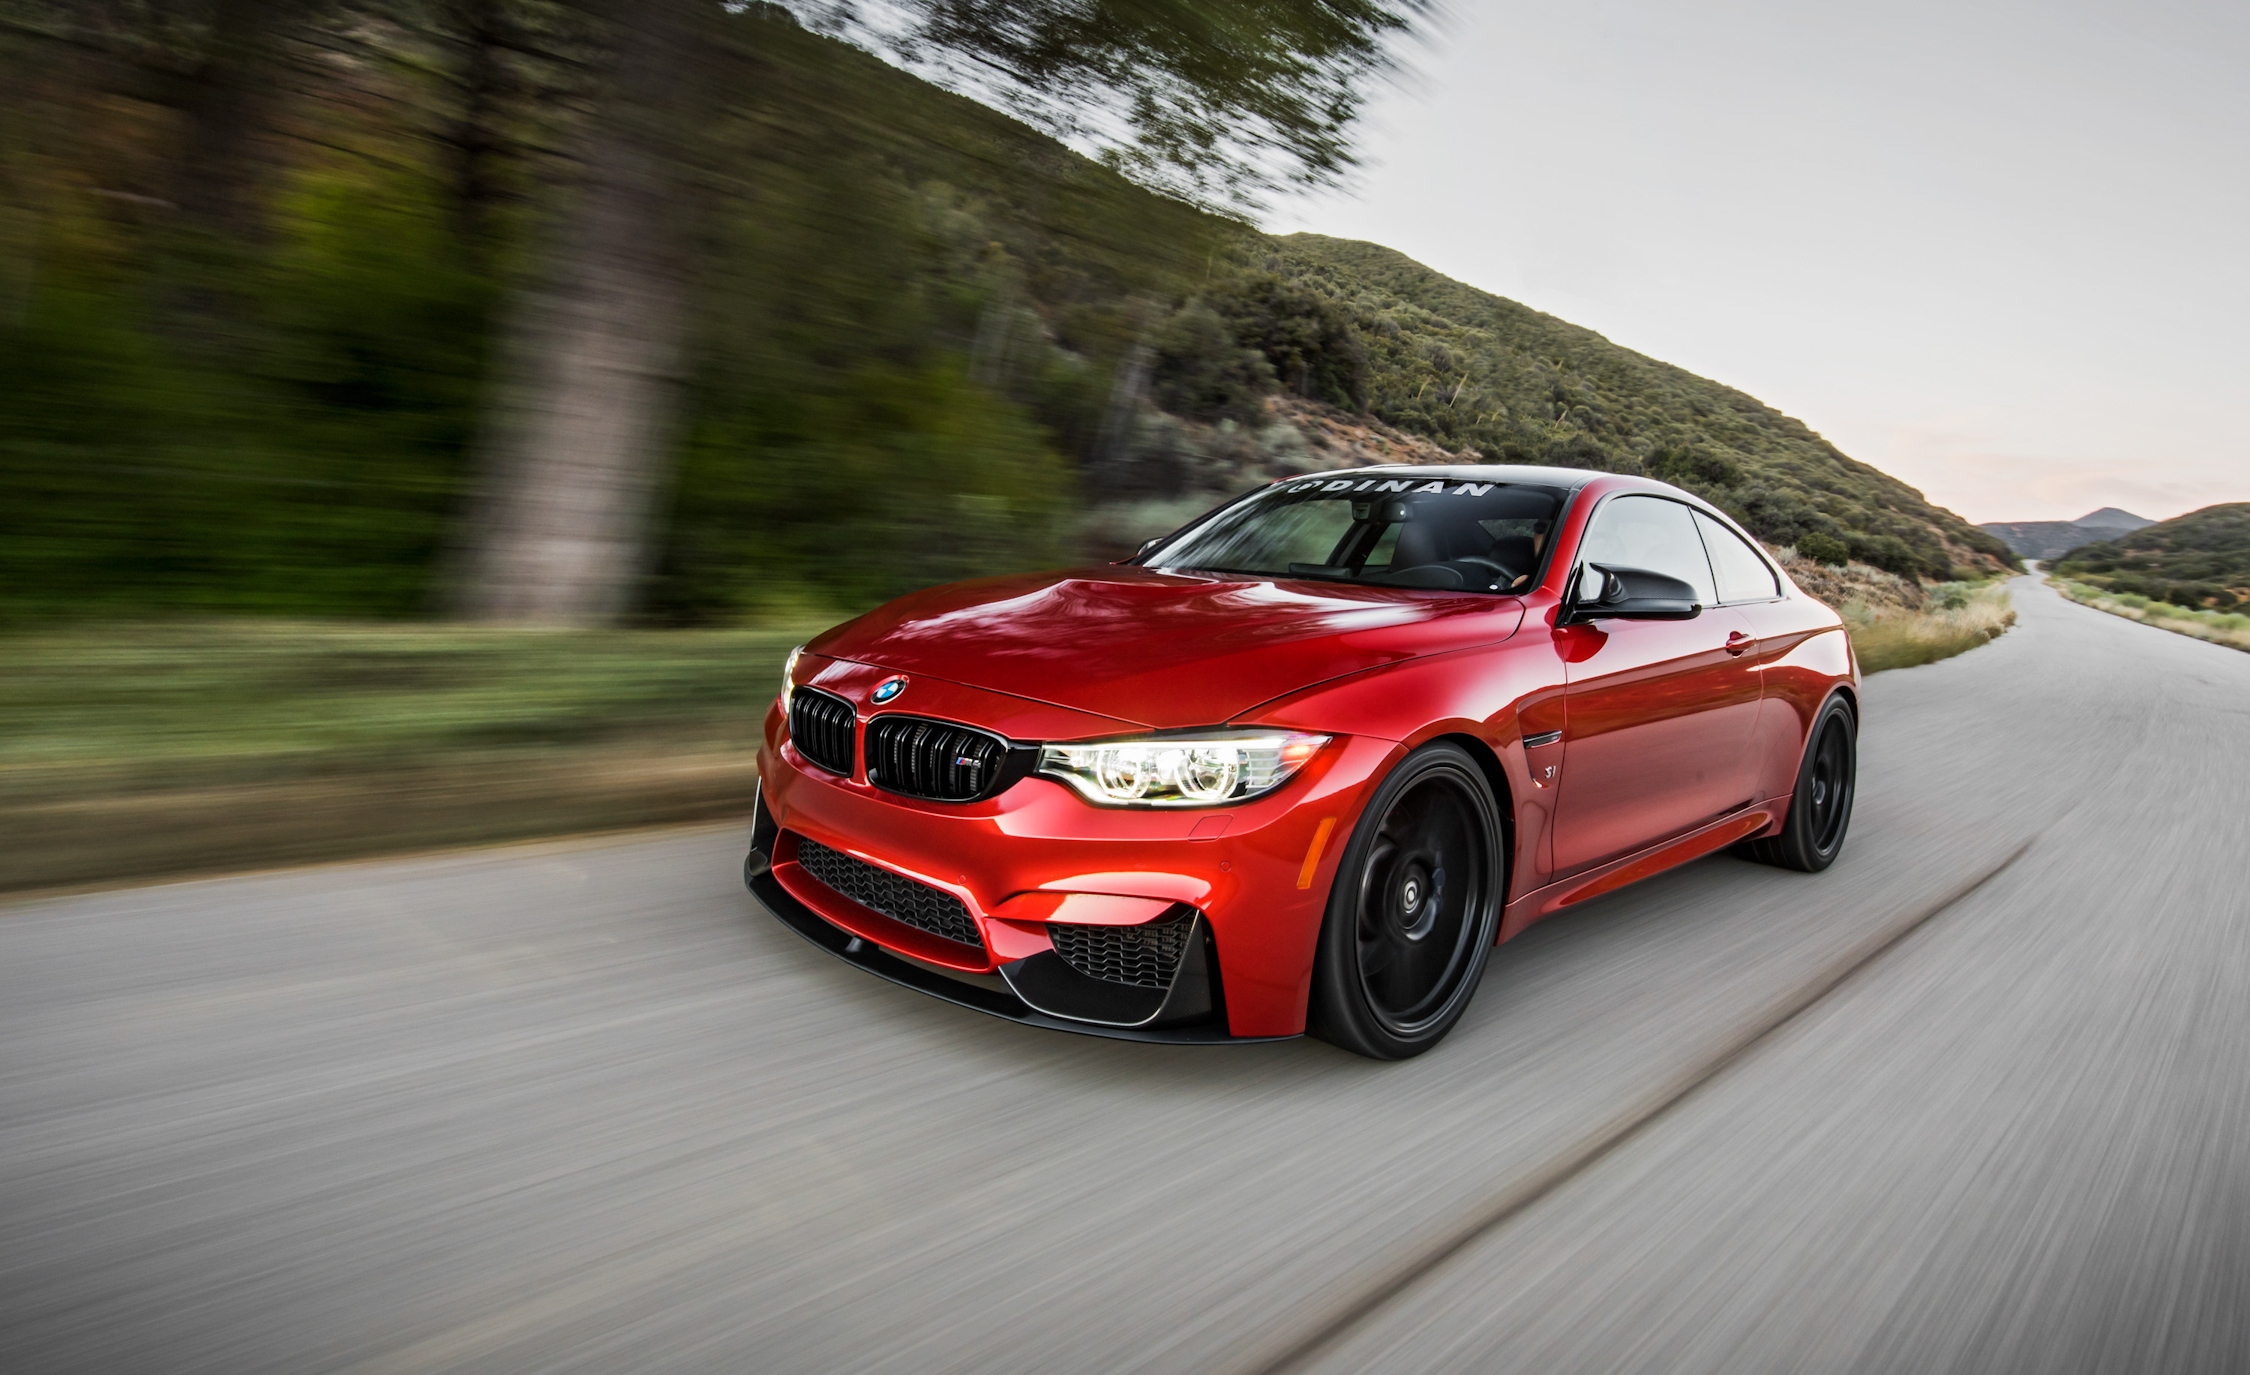 красный автомобиль bmw x6 red car  № 318976 загрузить